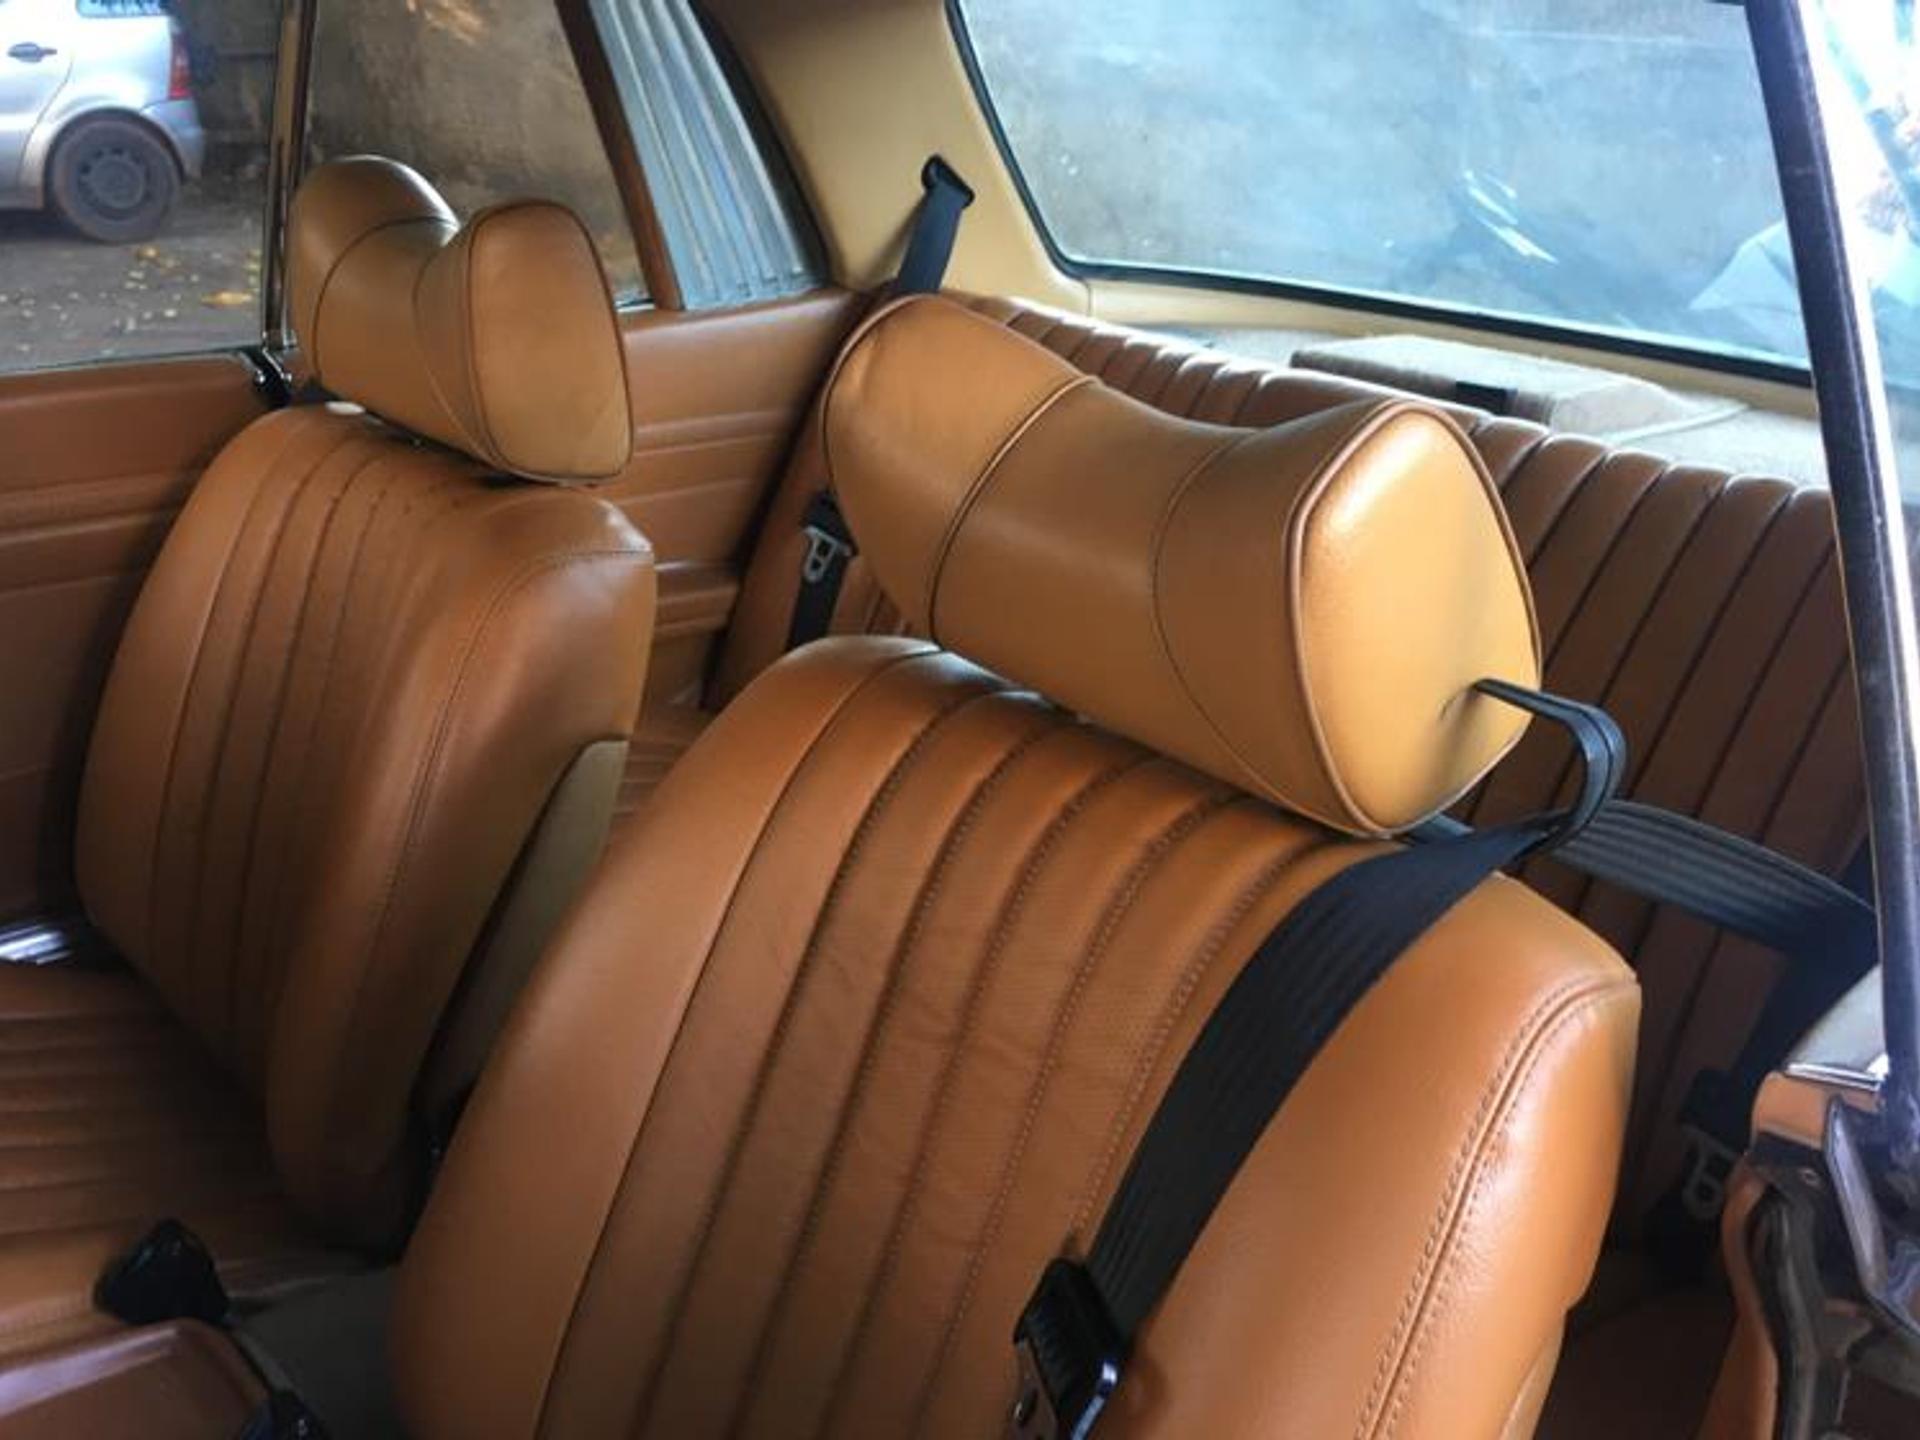 C107 SLC 280 1977 - R$ 100.000,00 Mercedesbenz-280-slc-2.8-i6-12v-gasolina-2p-automatico-wmimagem11121139344